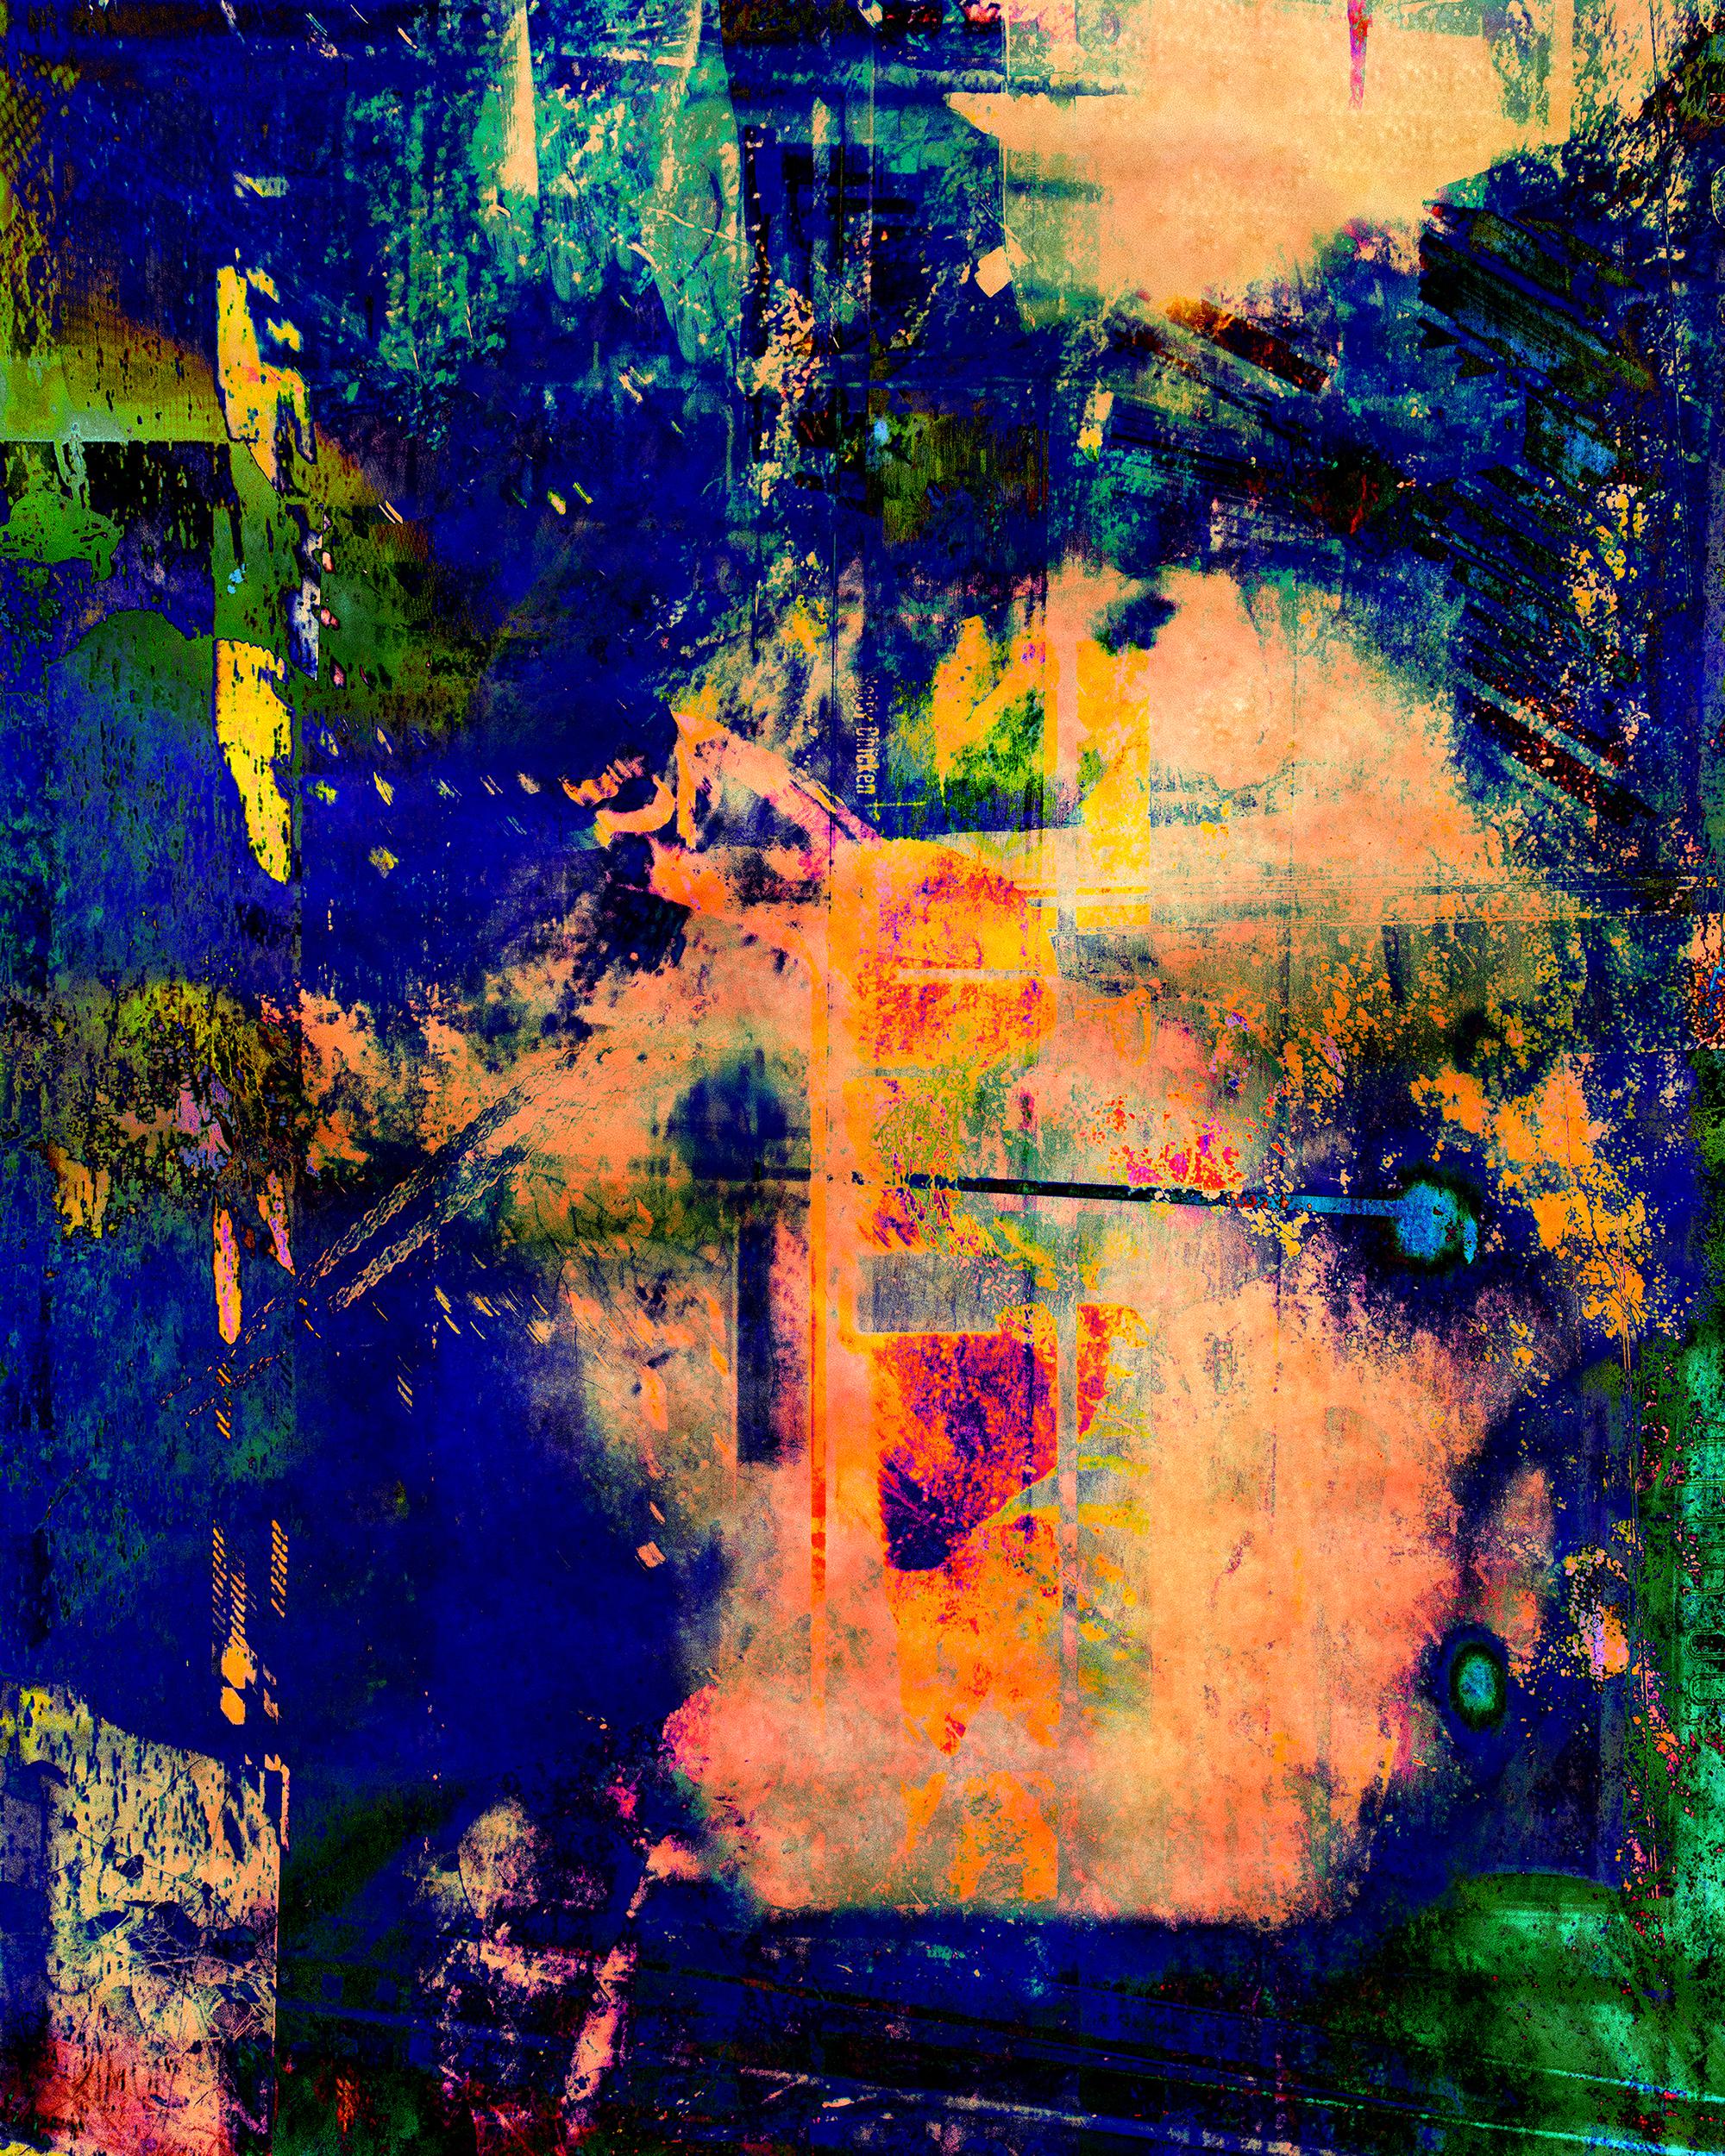 fotoskolen fatamorgana_Untitled-9.jpg